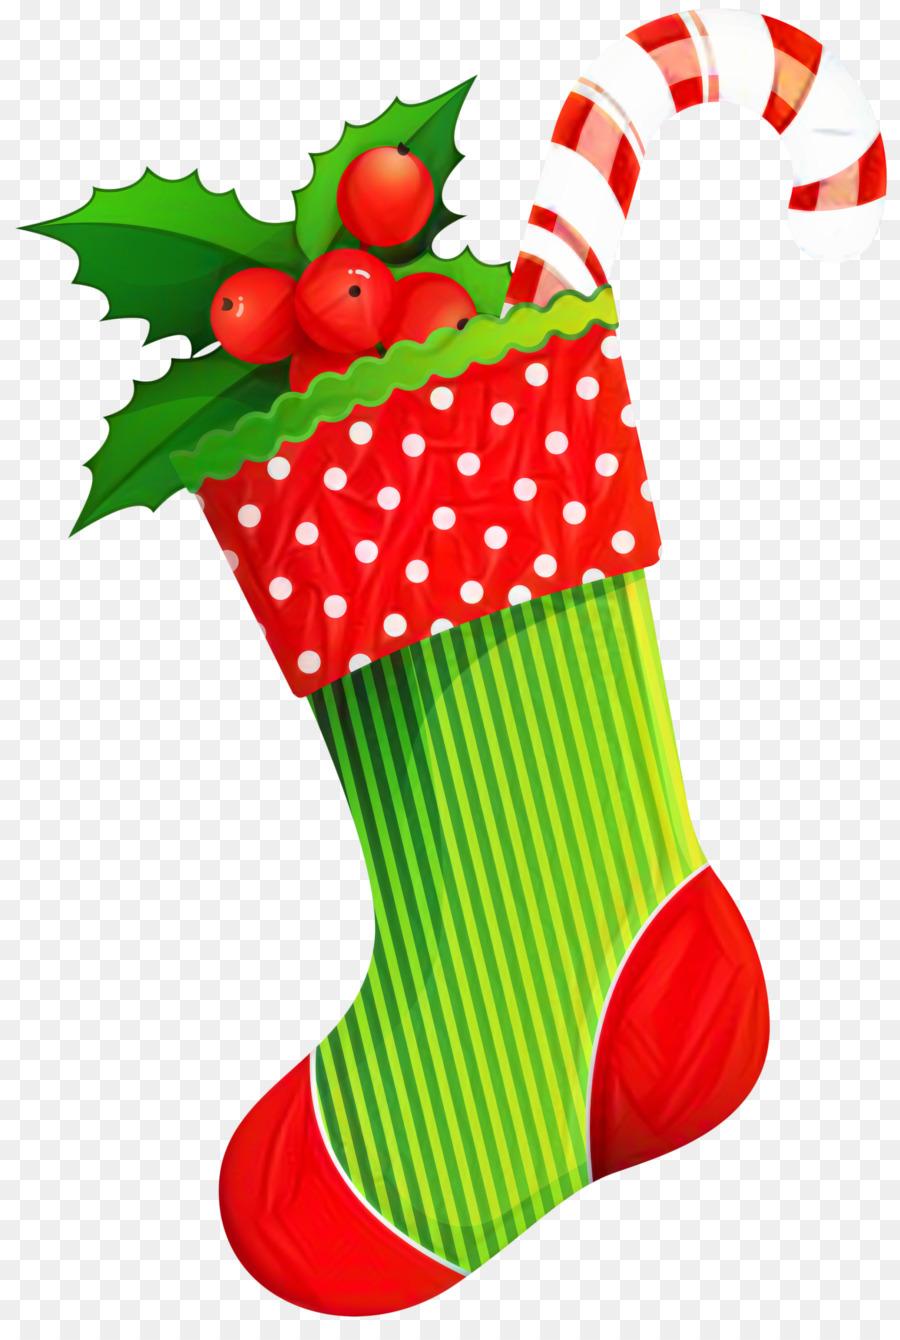 Descarga gratuita de Santa Claus, Medias De Navidad, Christmas Day Imágen de Png